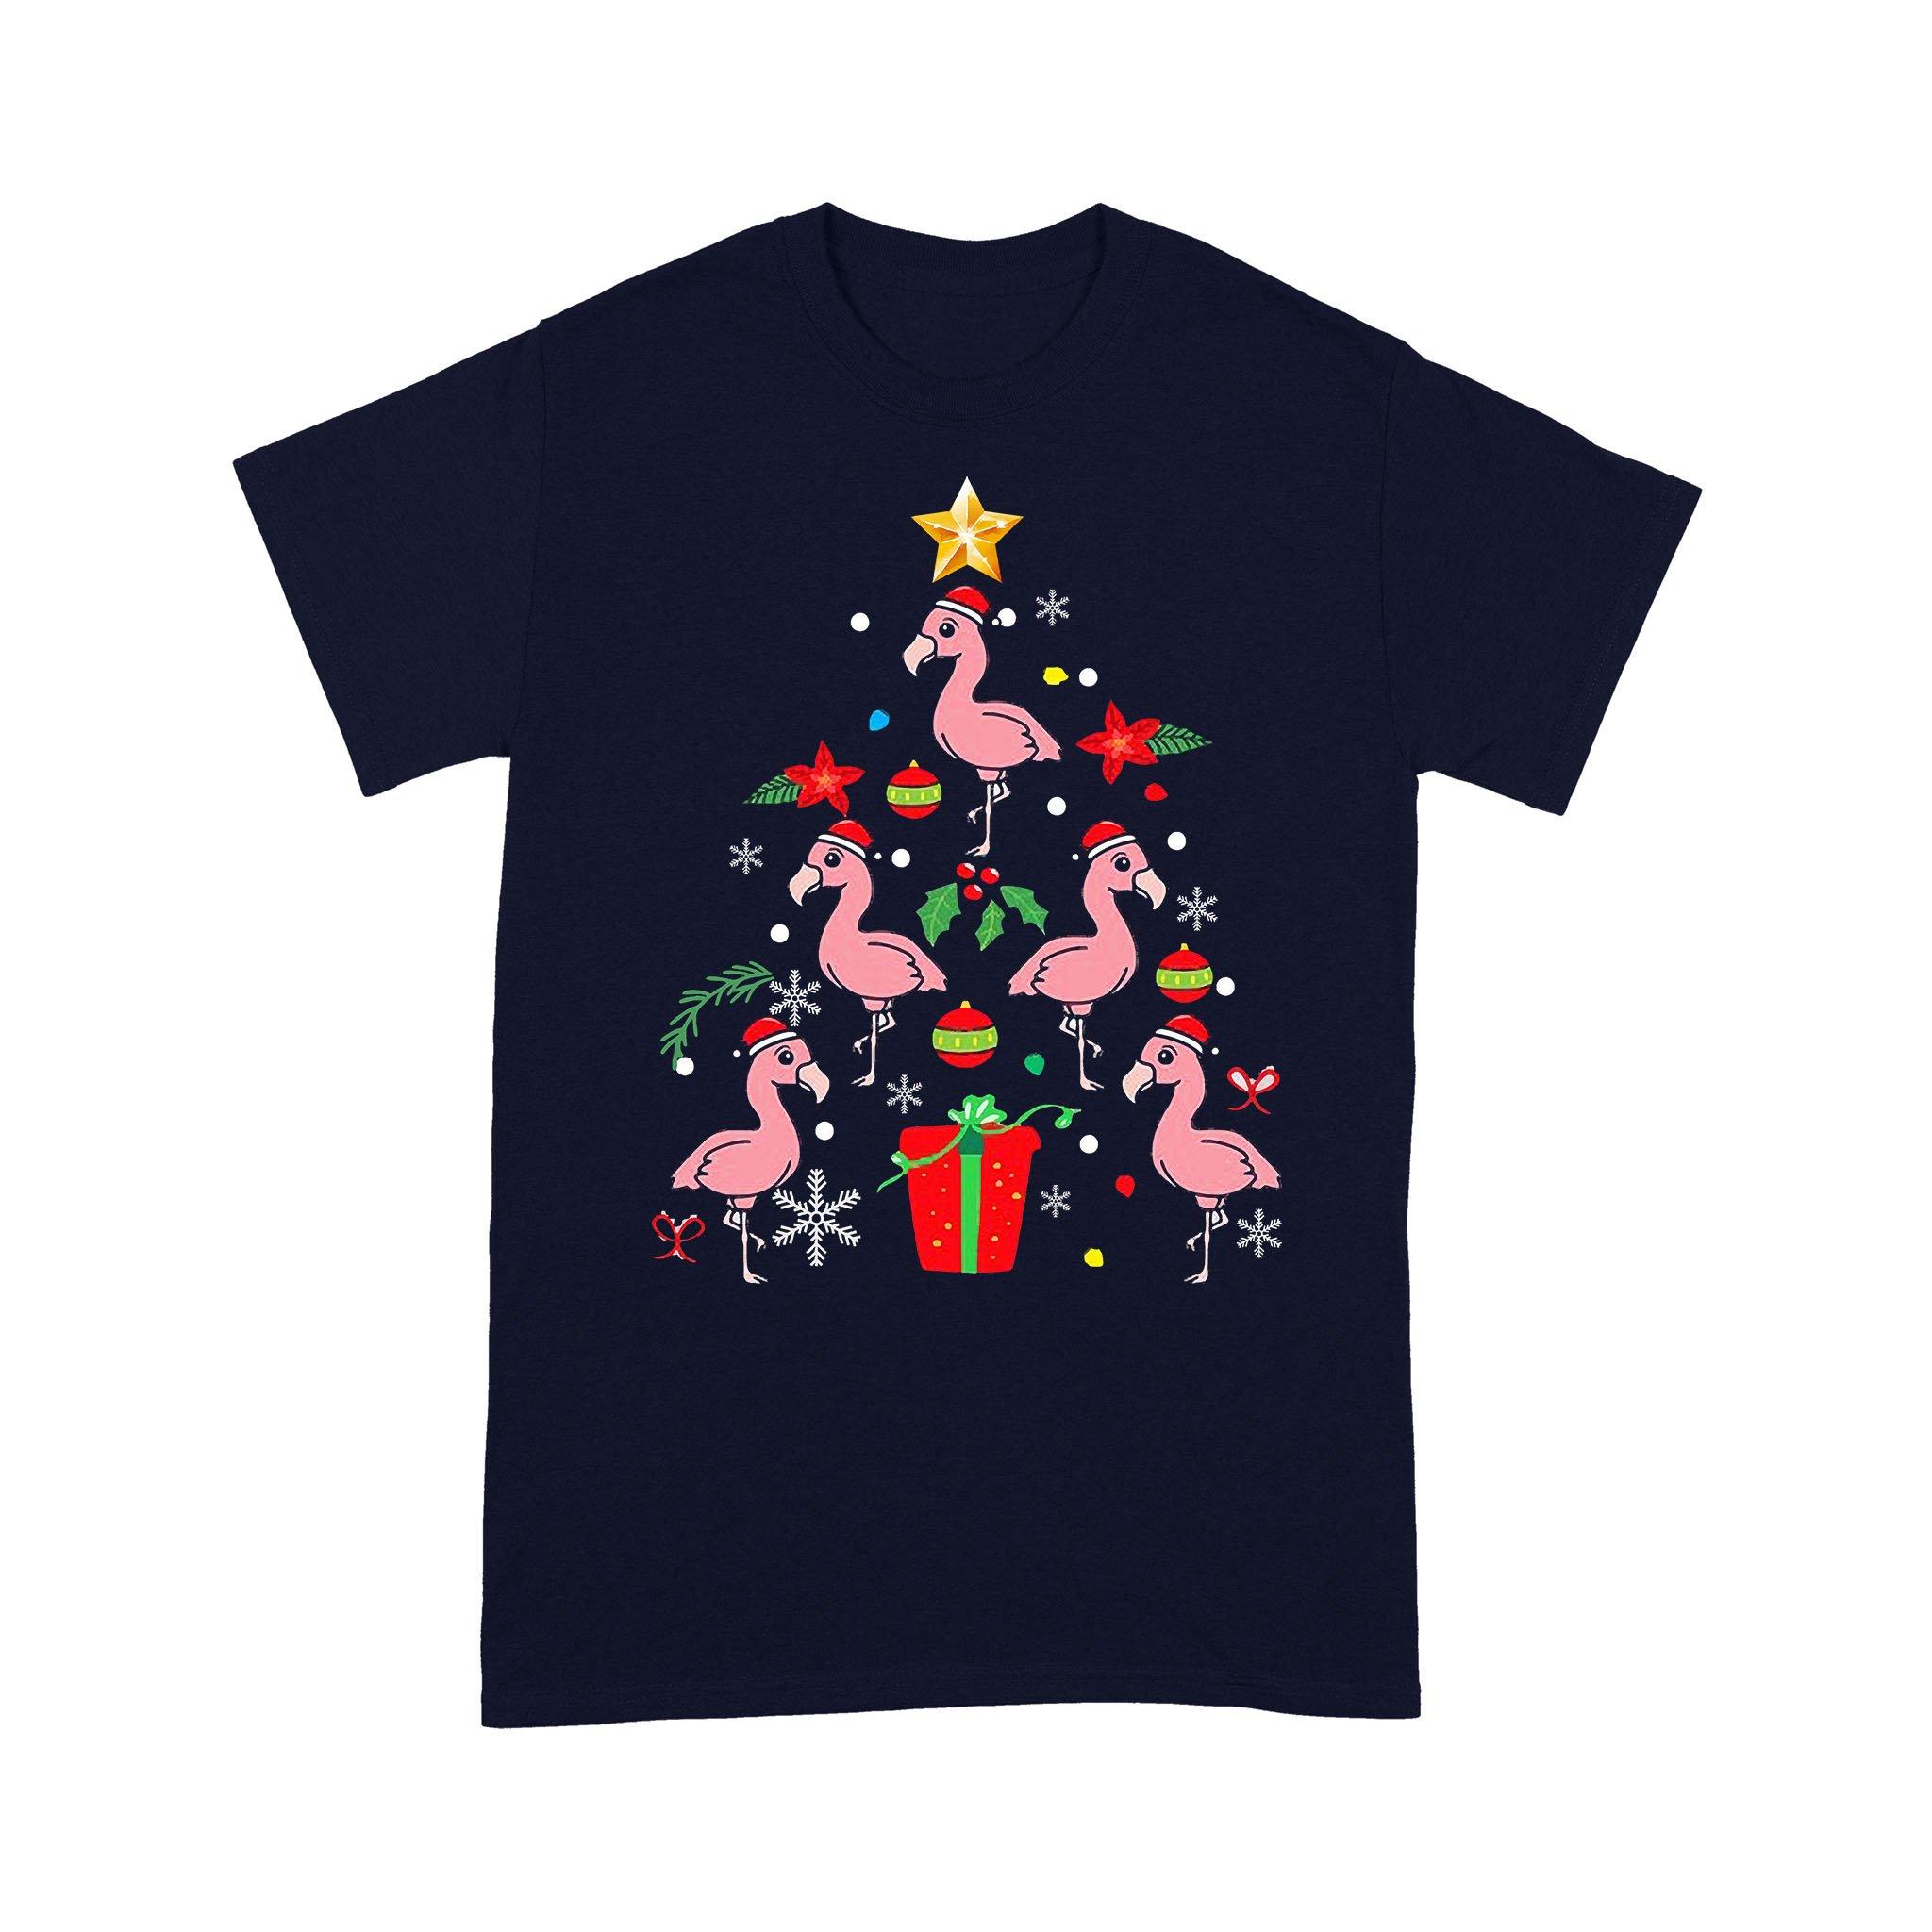 Flamingo Christmas Ornament Tree Xmas Mom Dad Gift T-shirt